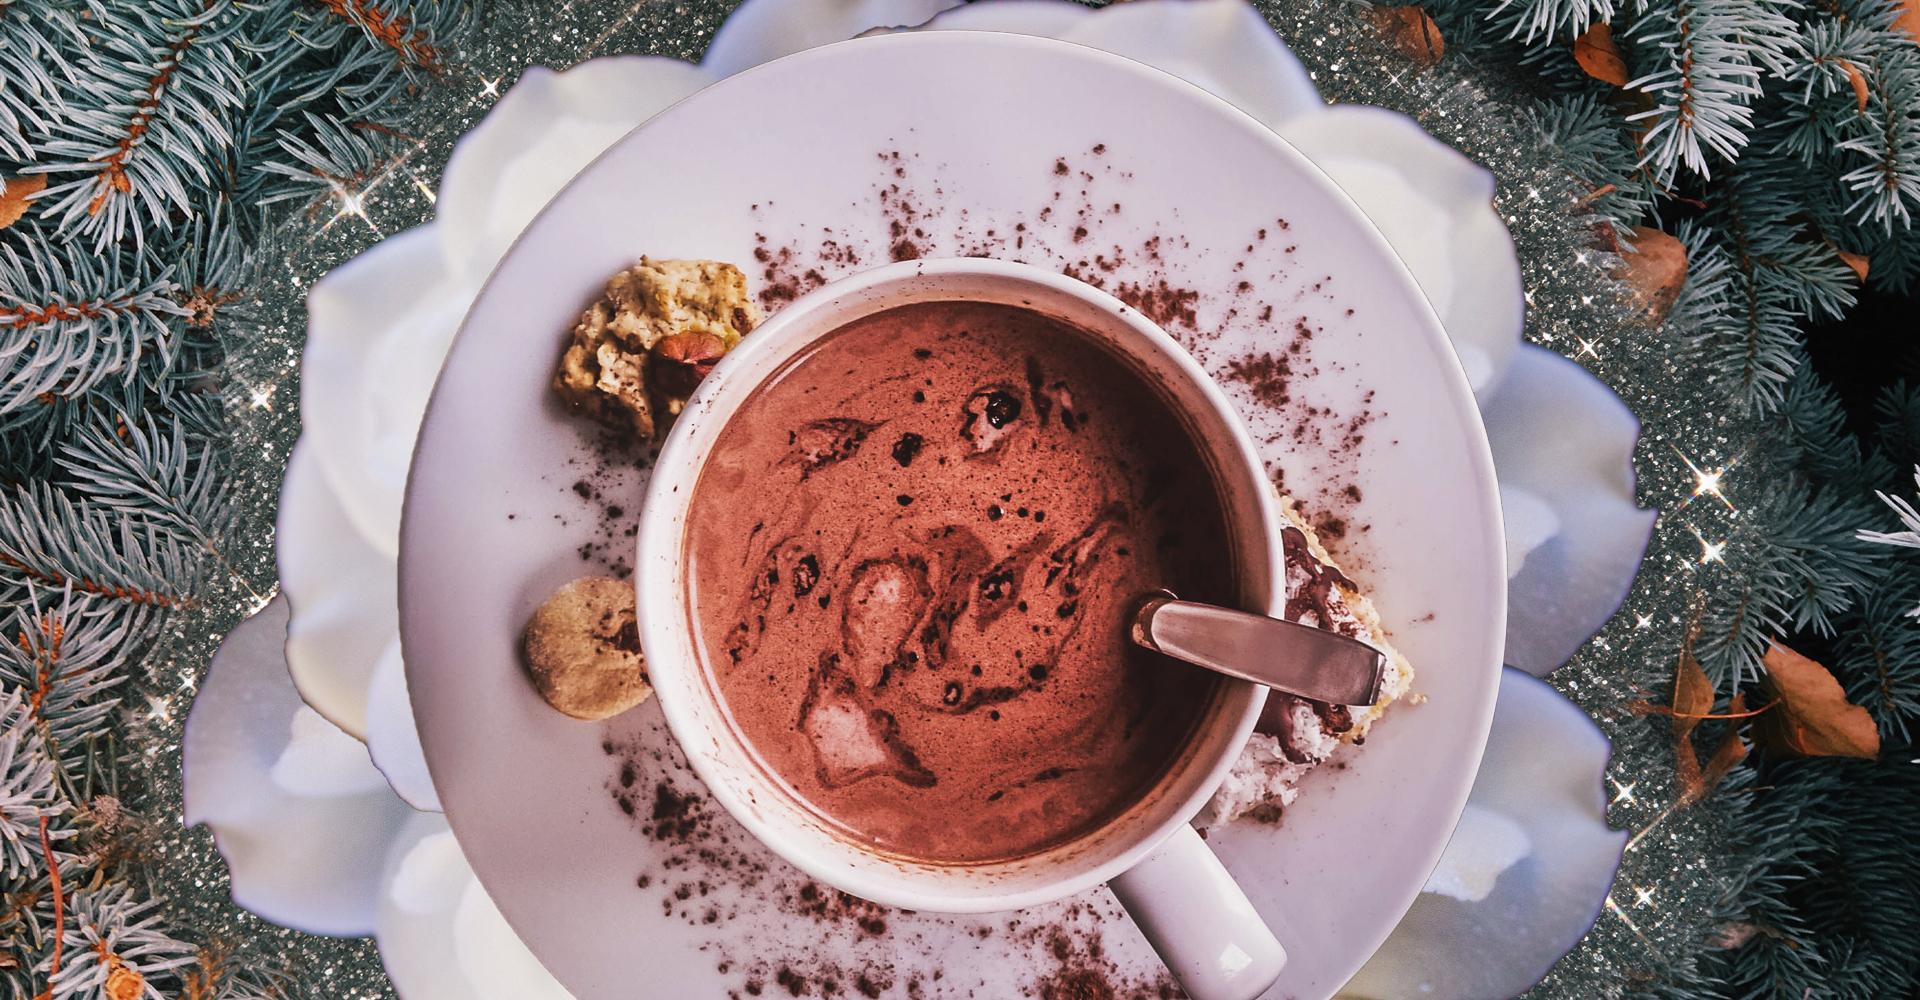 Come fare la cioccolata calda in casa? Facile, così!